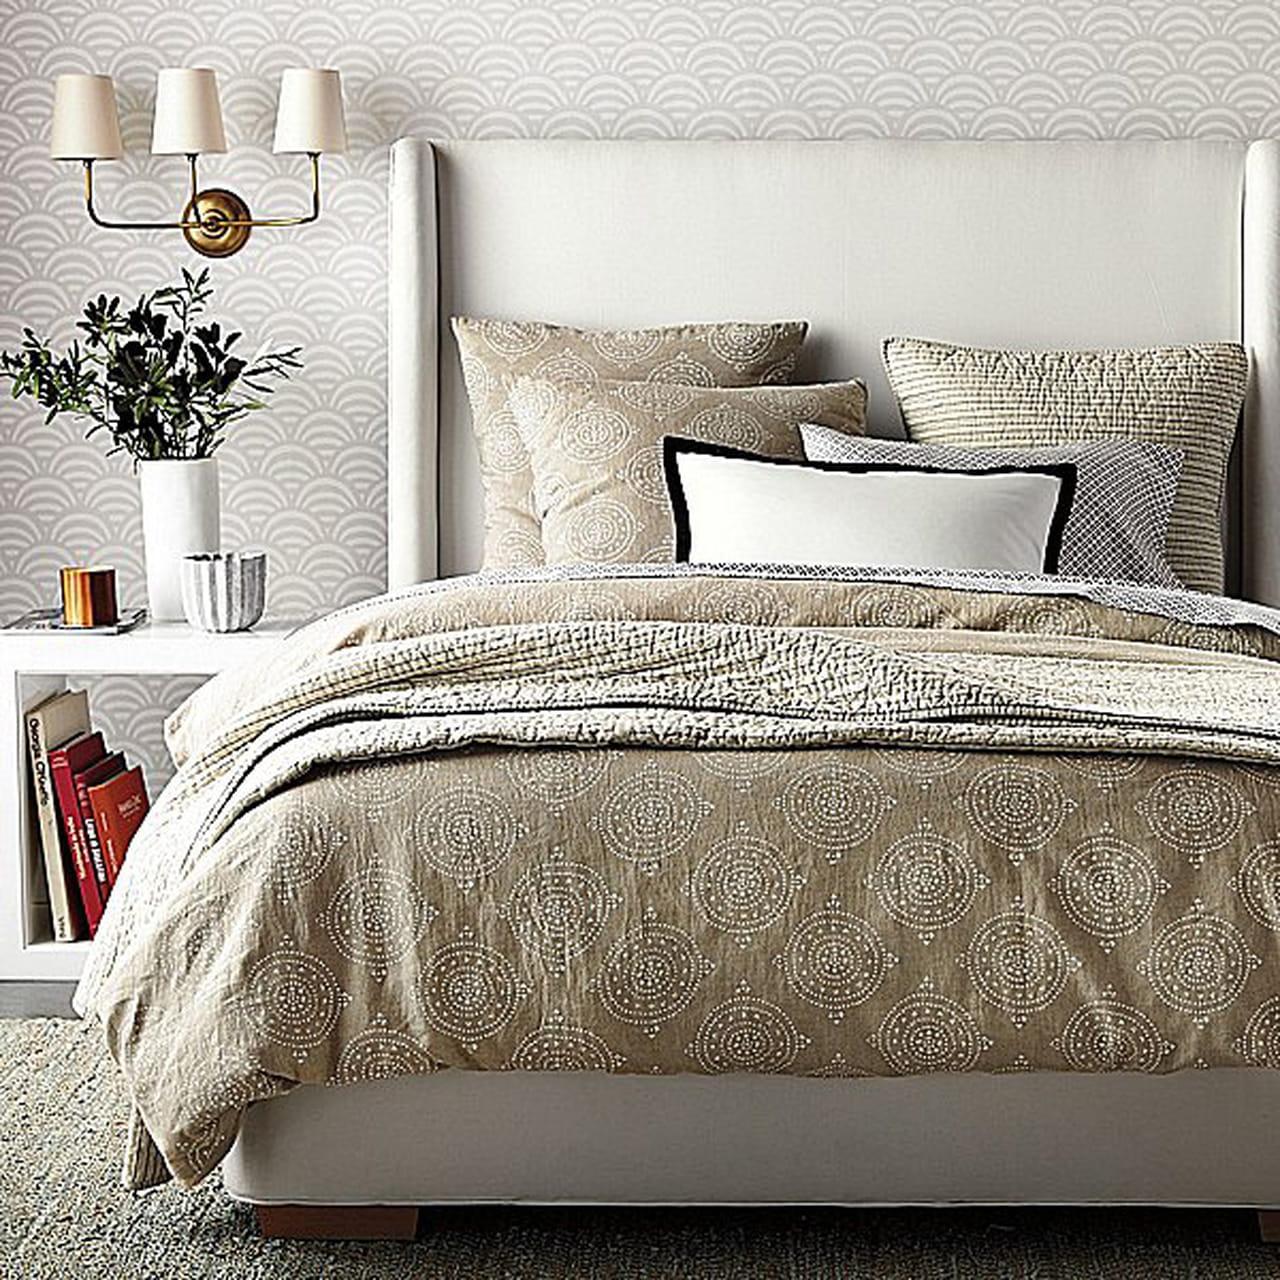 مفروشات دافئة لأجواء خريفية أنيقة في ديكور غرف النوم